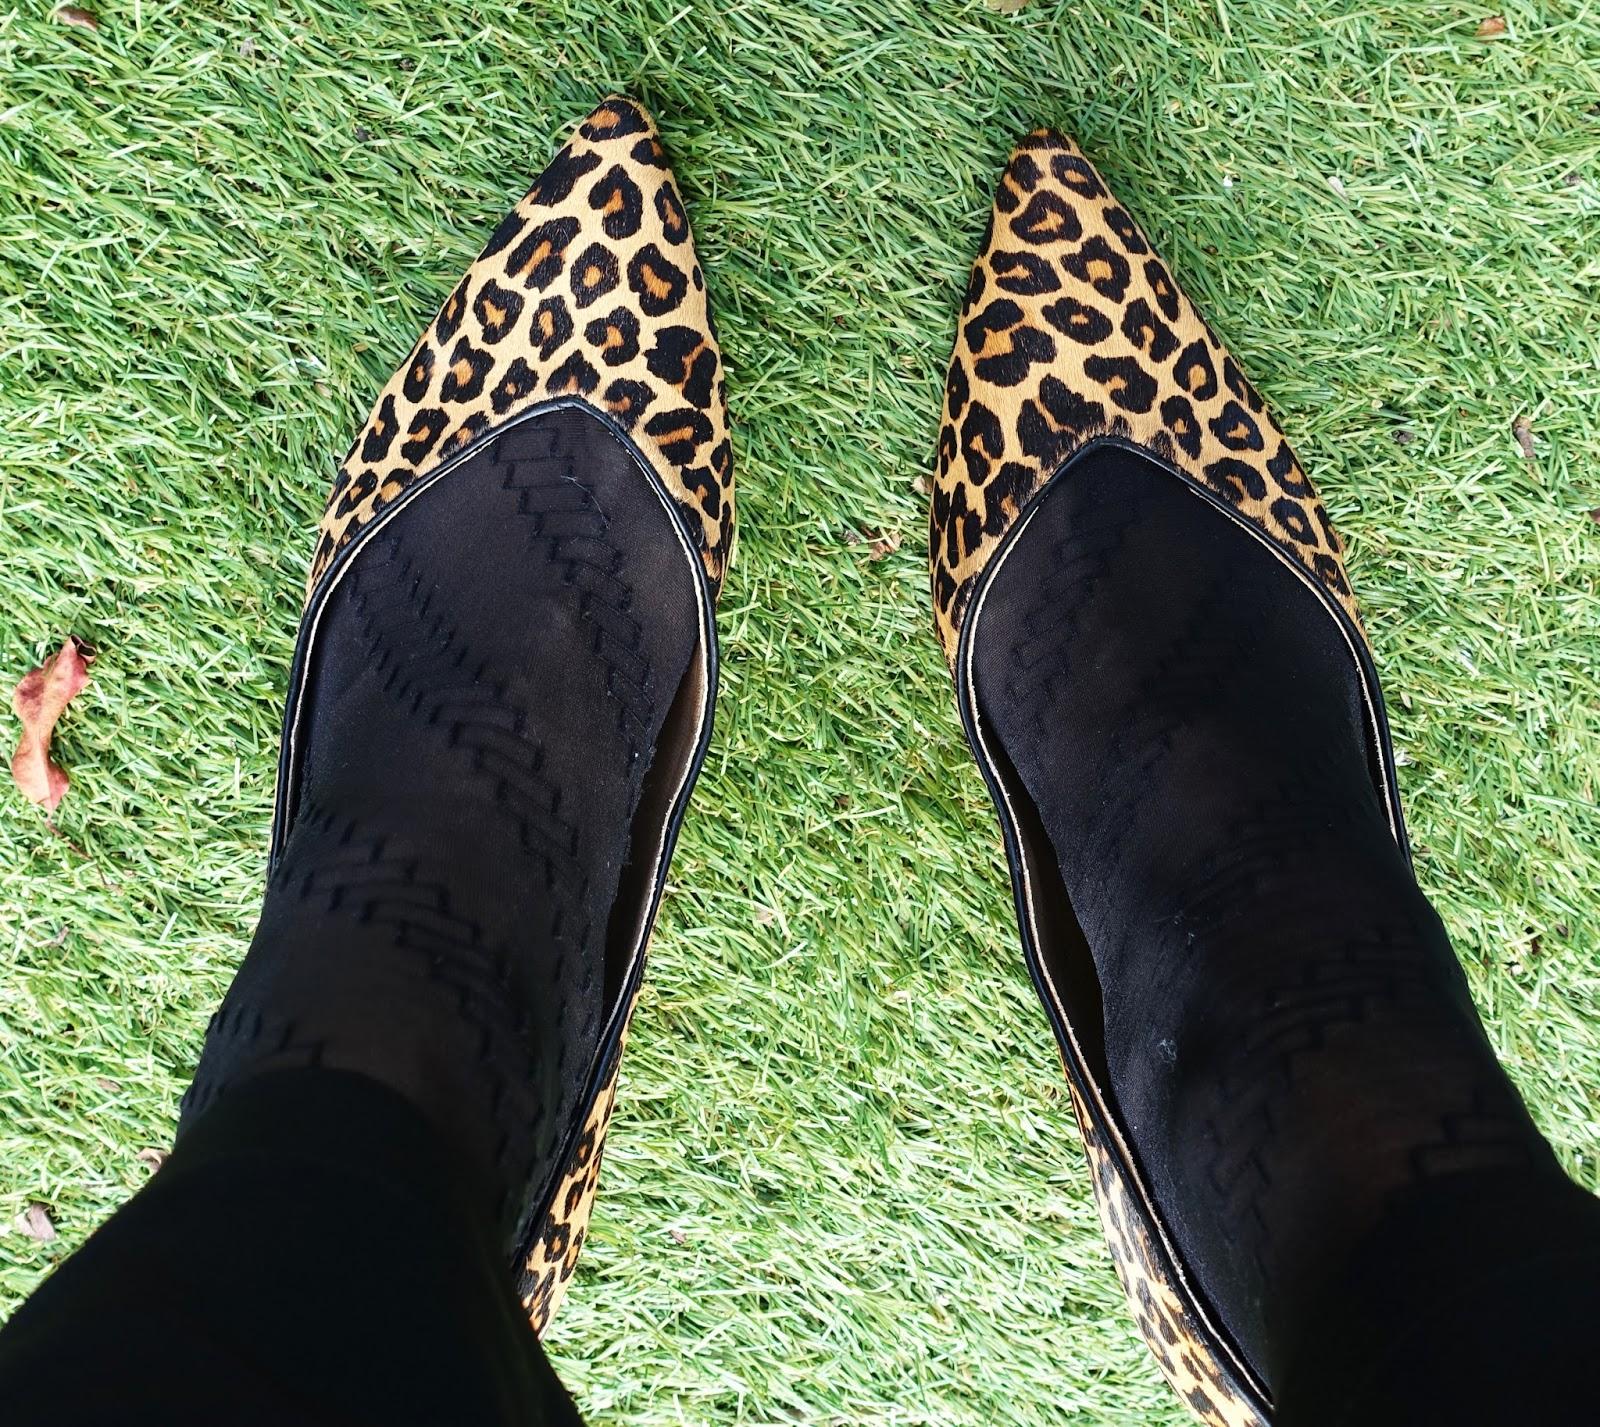 Image showing Josie kitten heel shoes in tan leopard by Vionic